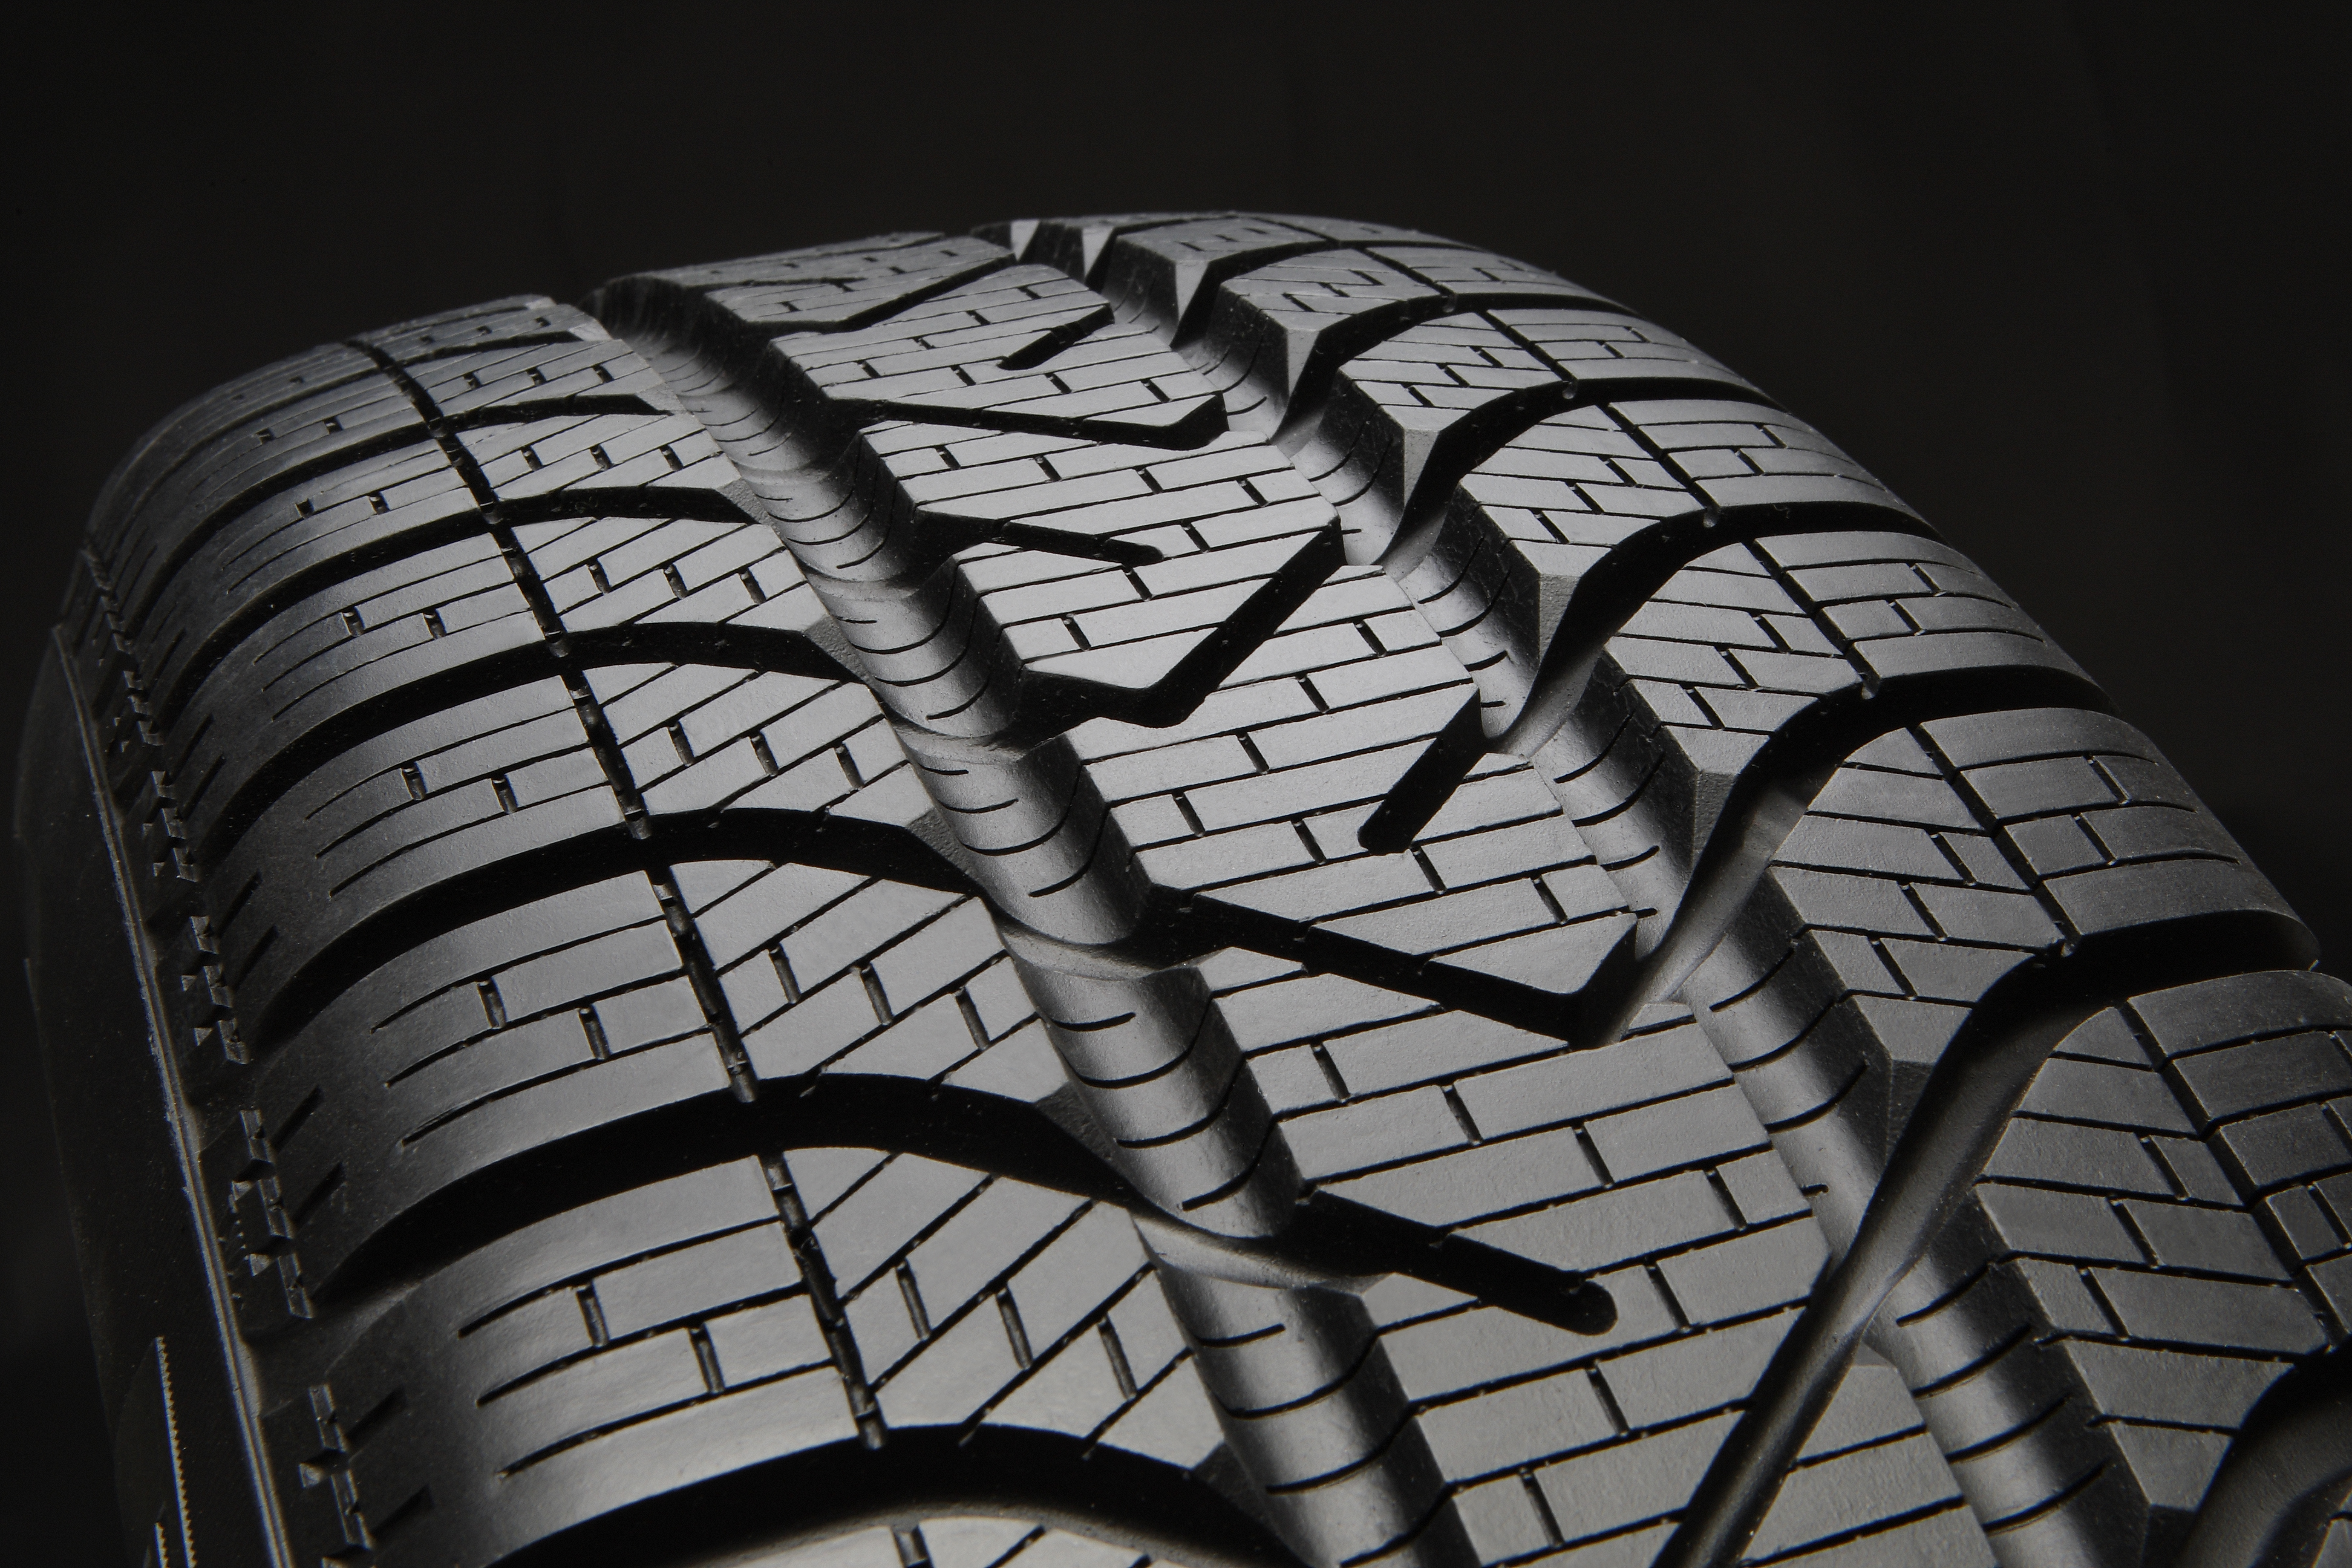 Úspěchy ve vývoji moderních pneumatik